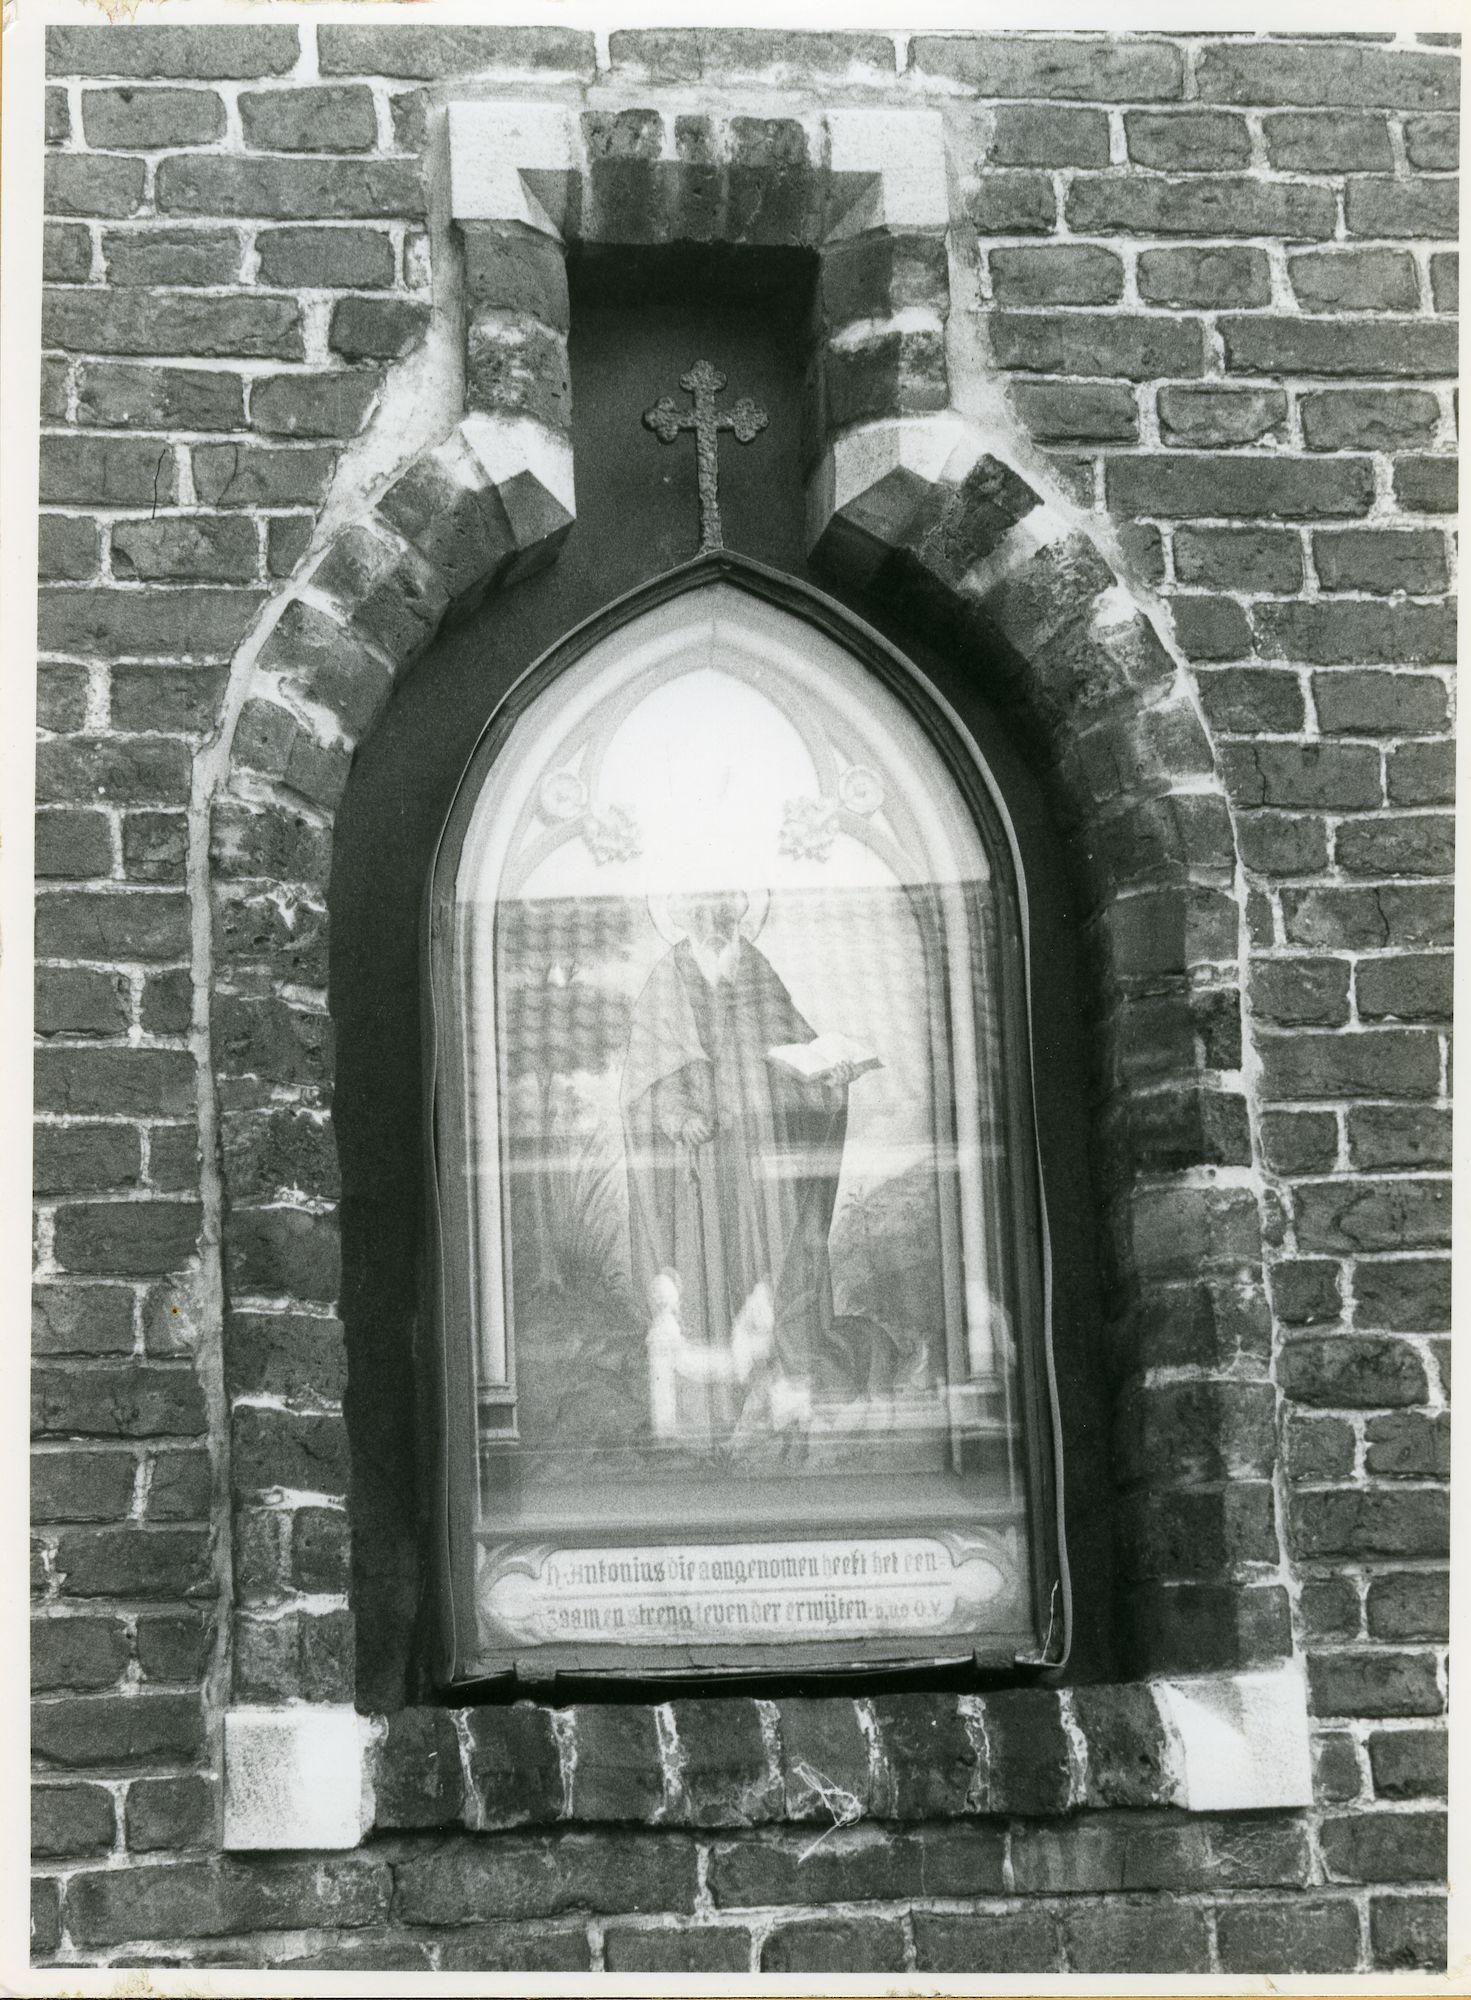 Sint-Denijs-Westrem: Kerkdreef, 1979